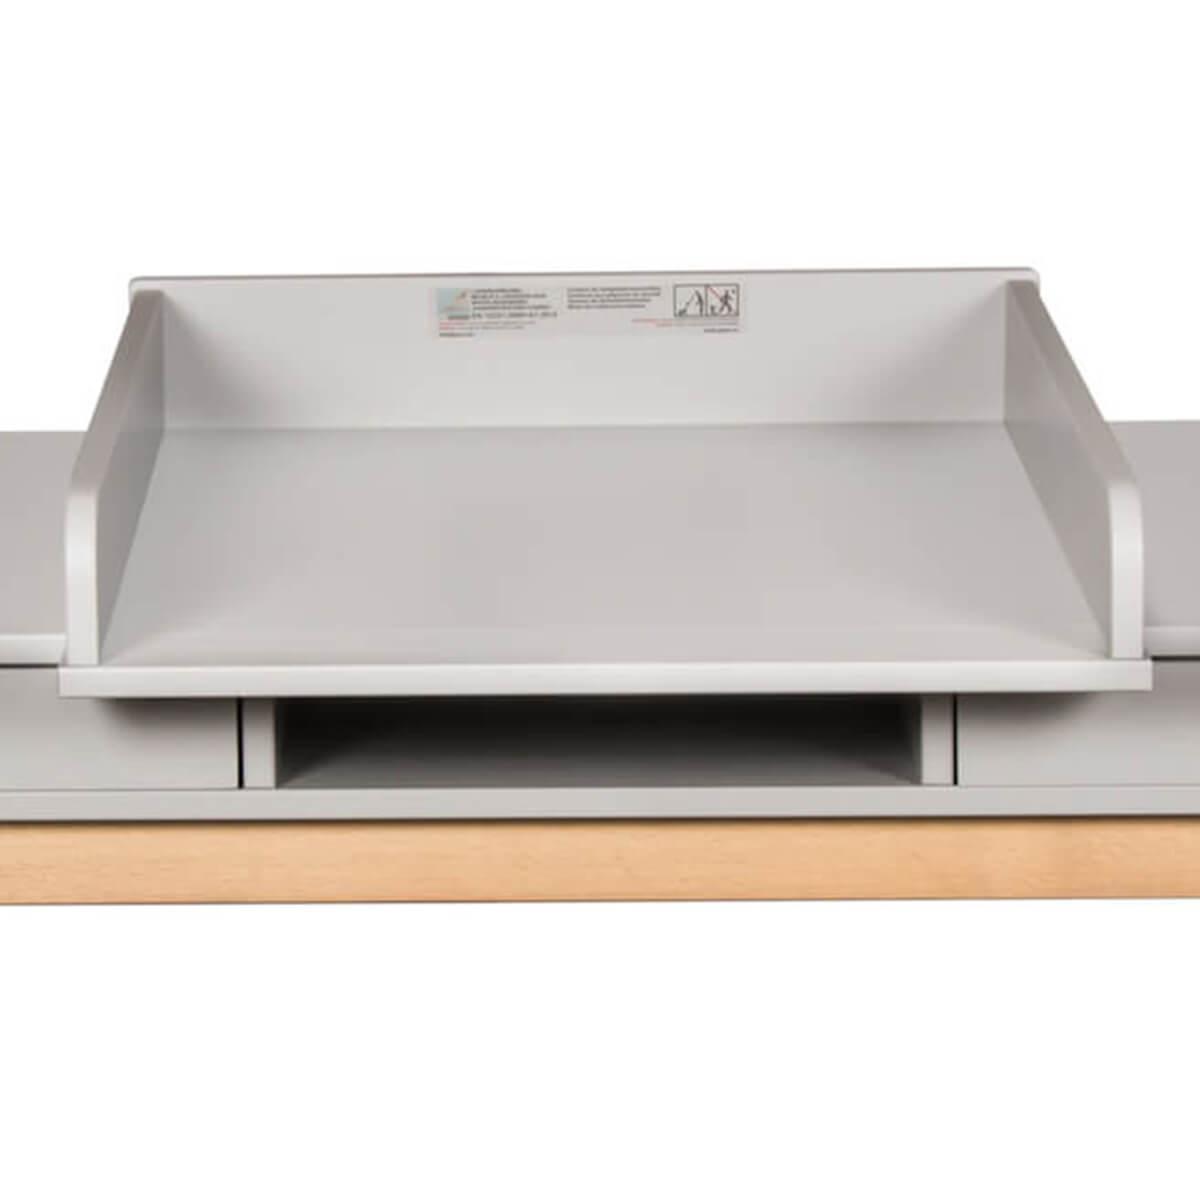 Tabla cambiador escritorio TRENDY Quax griffin grey